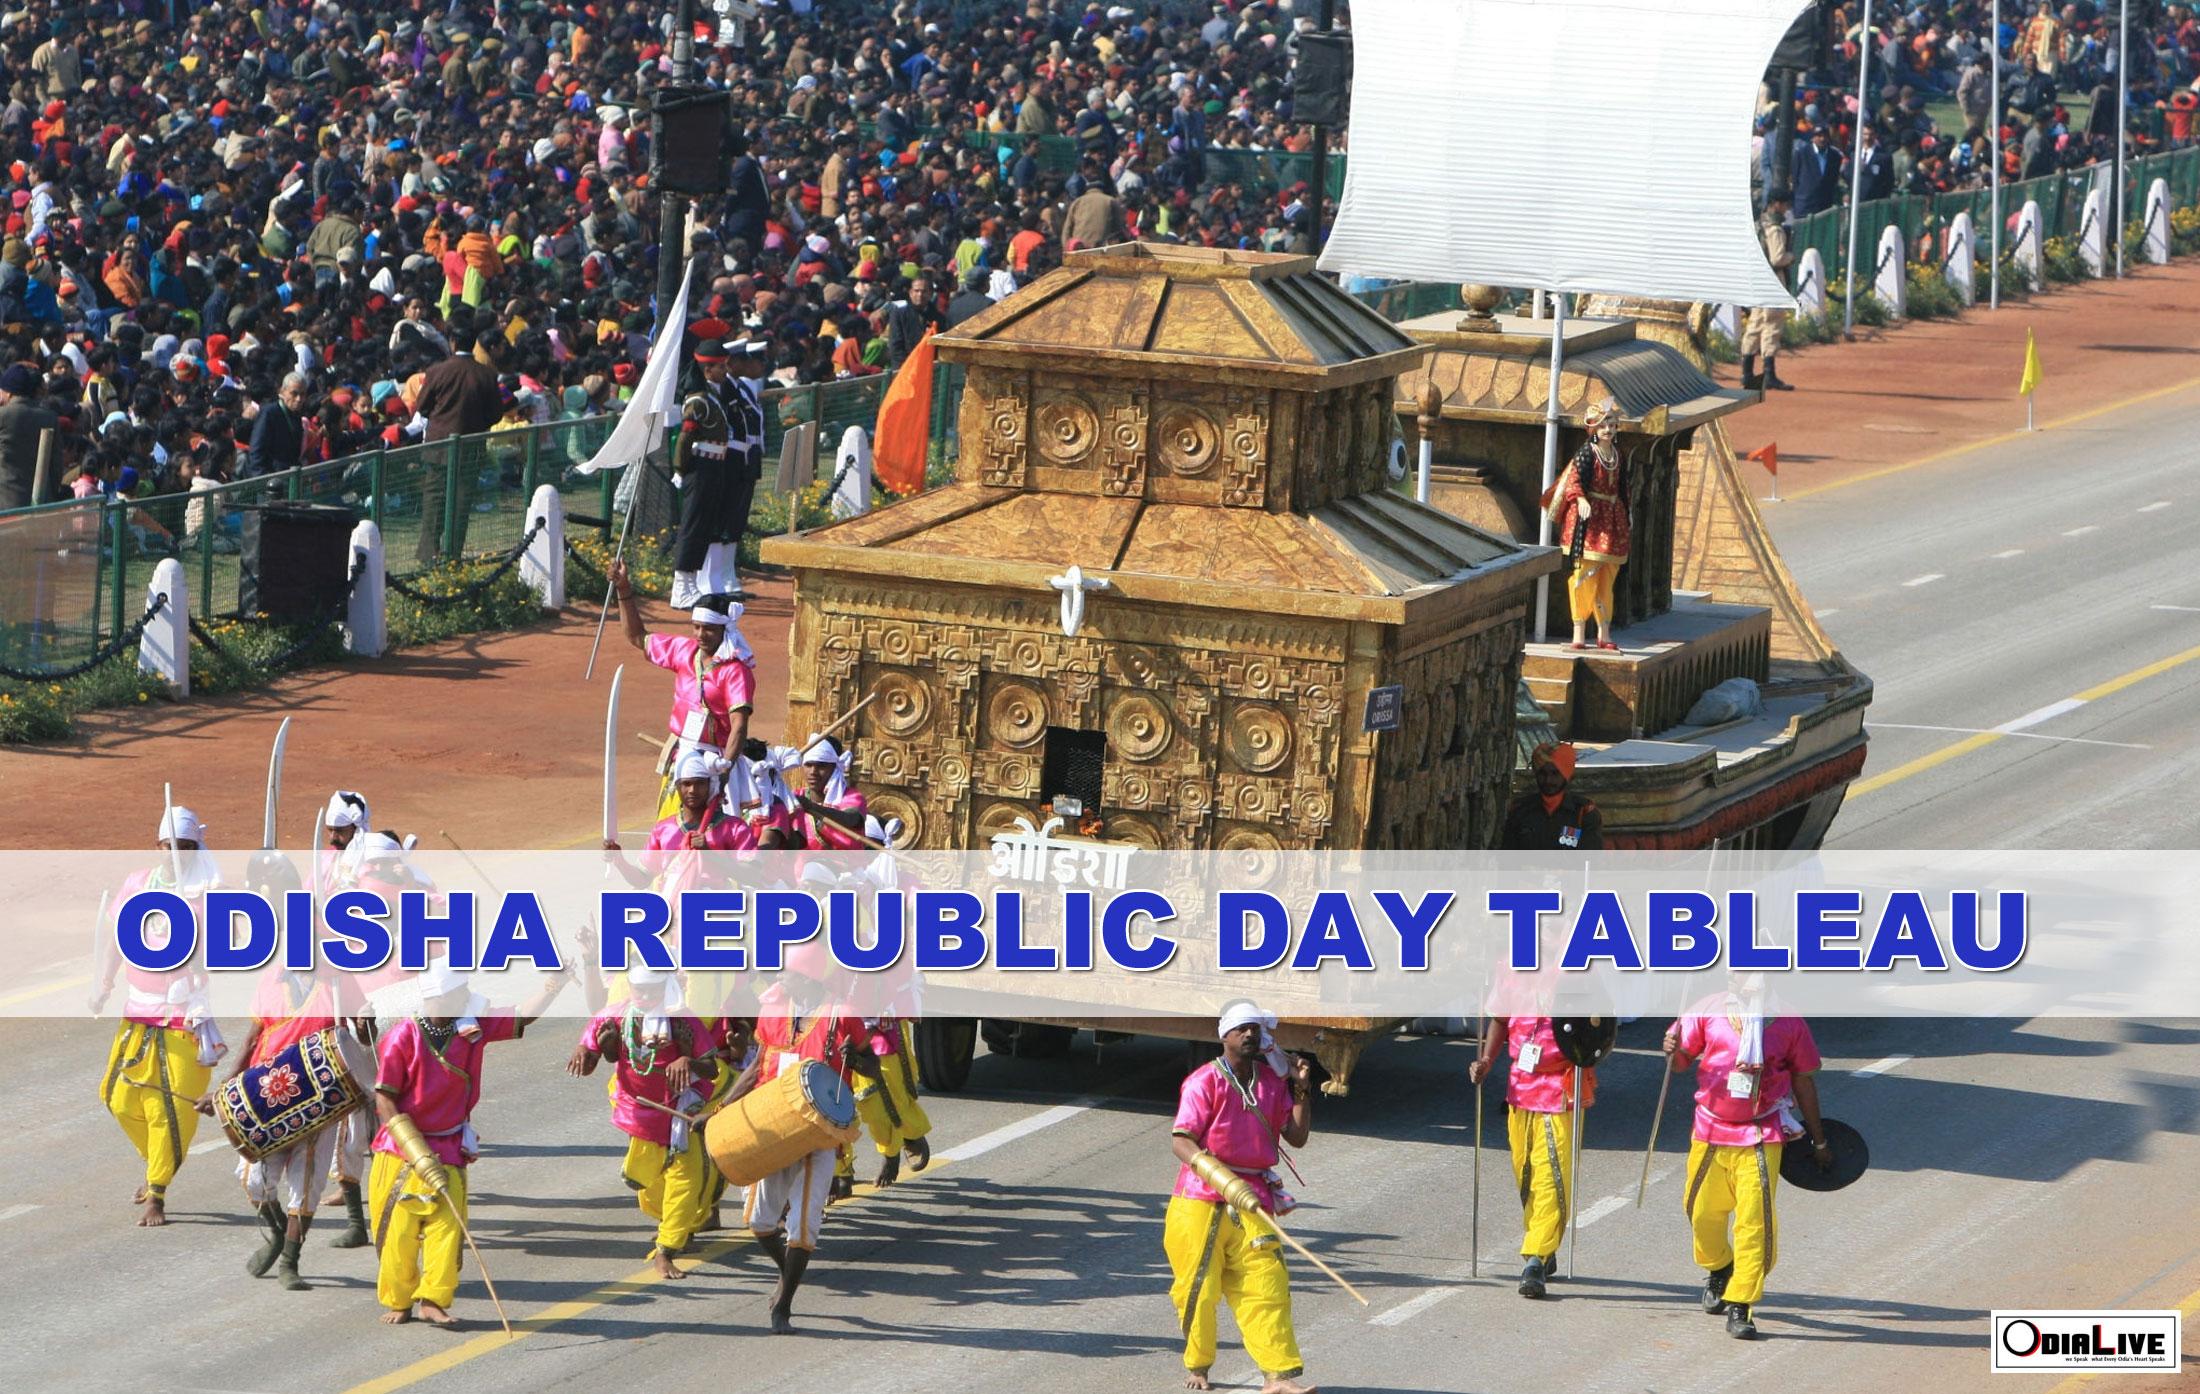 Odisha Tableau at Republic Day Parade at Rajpath